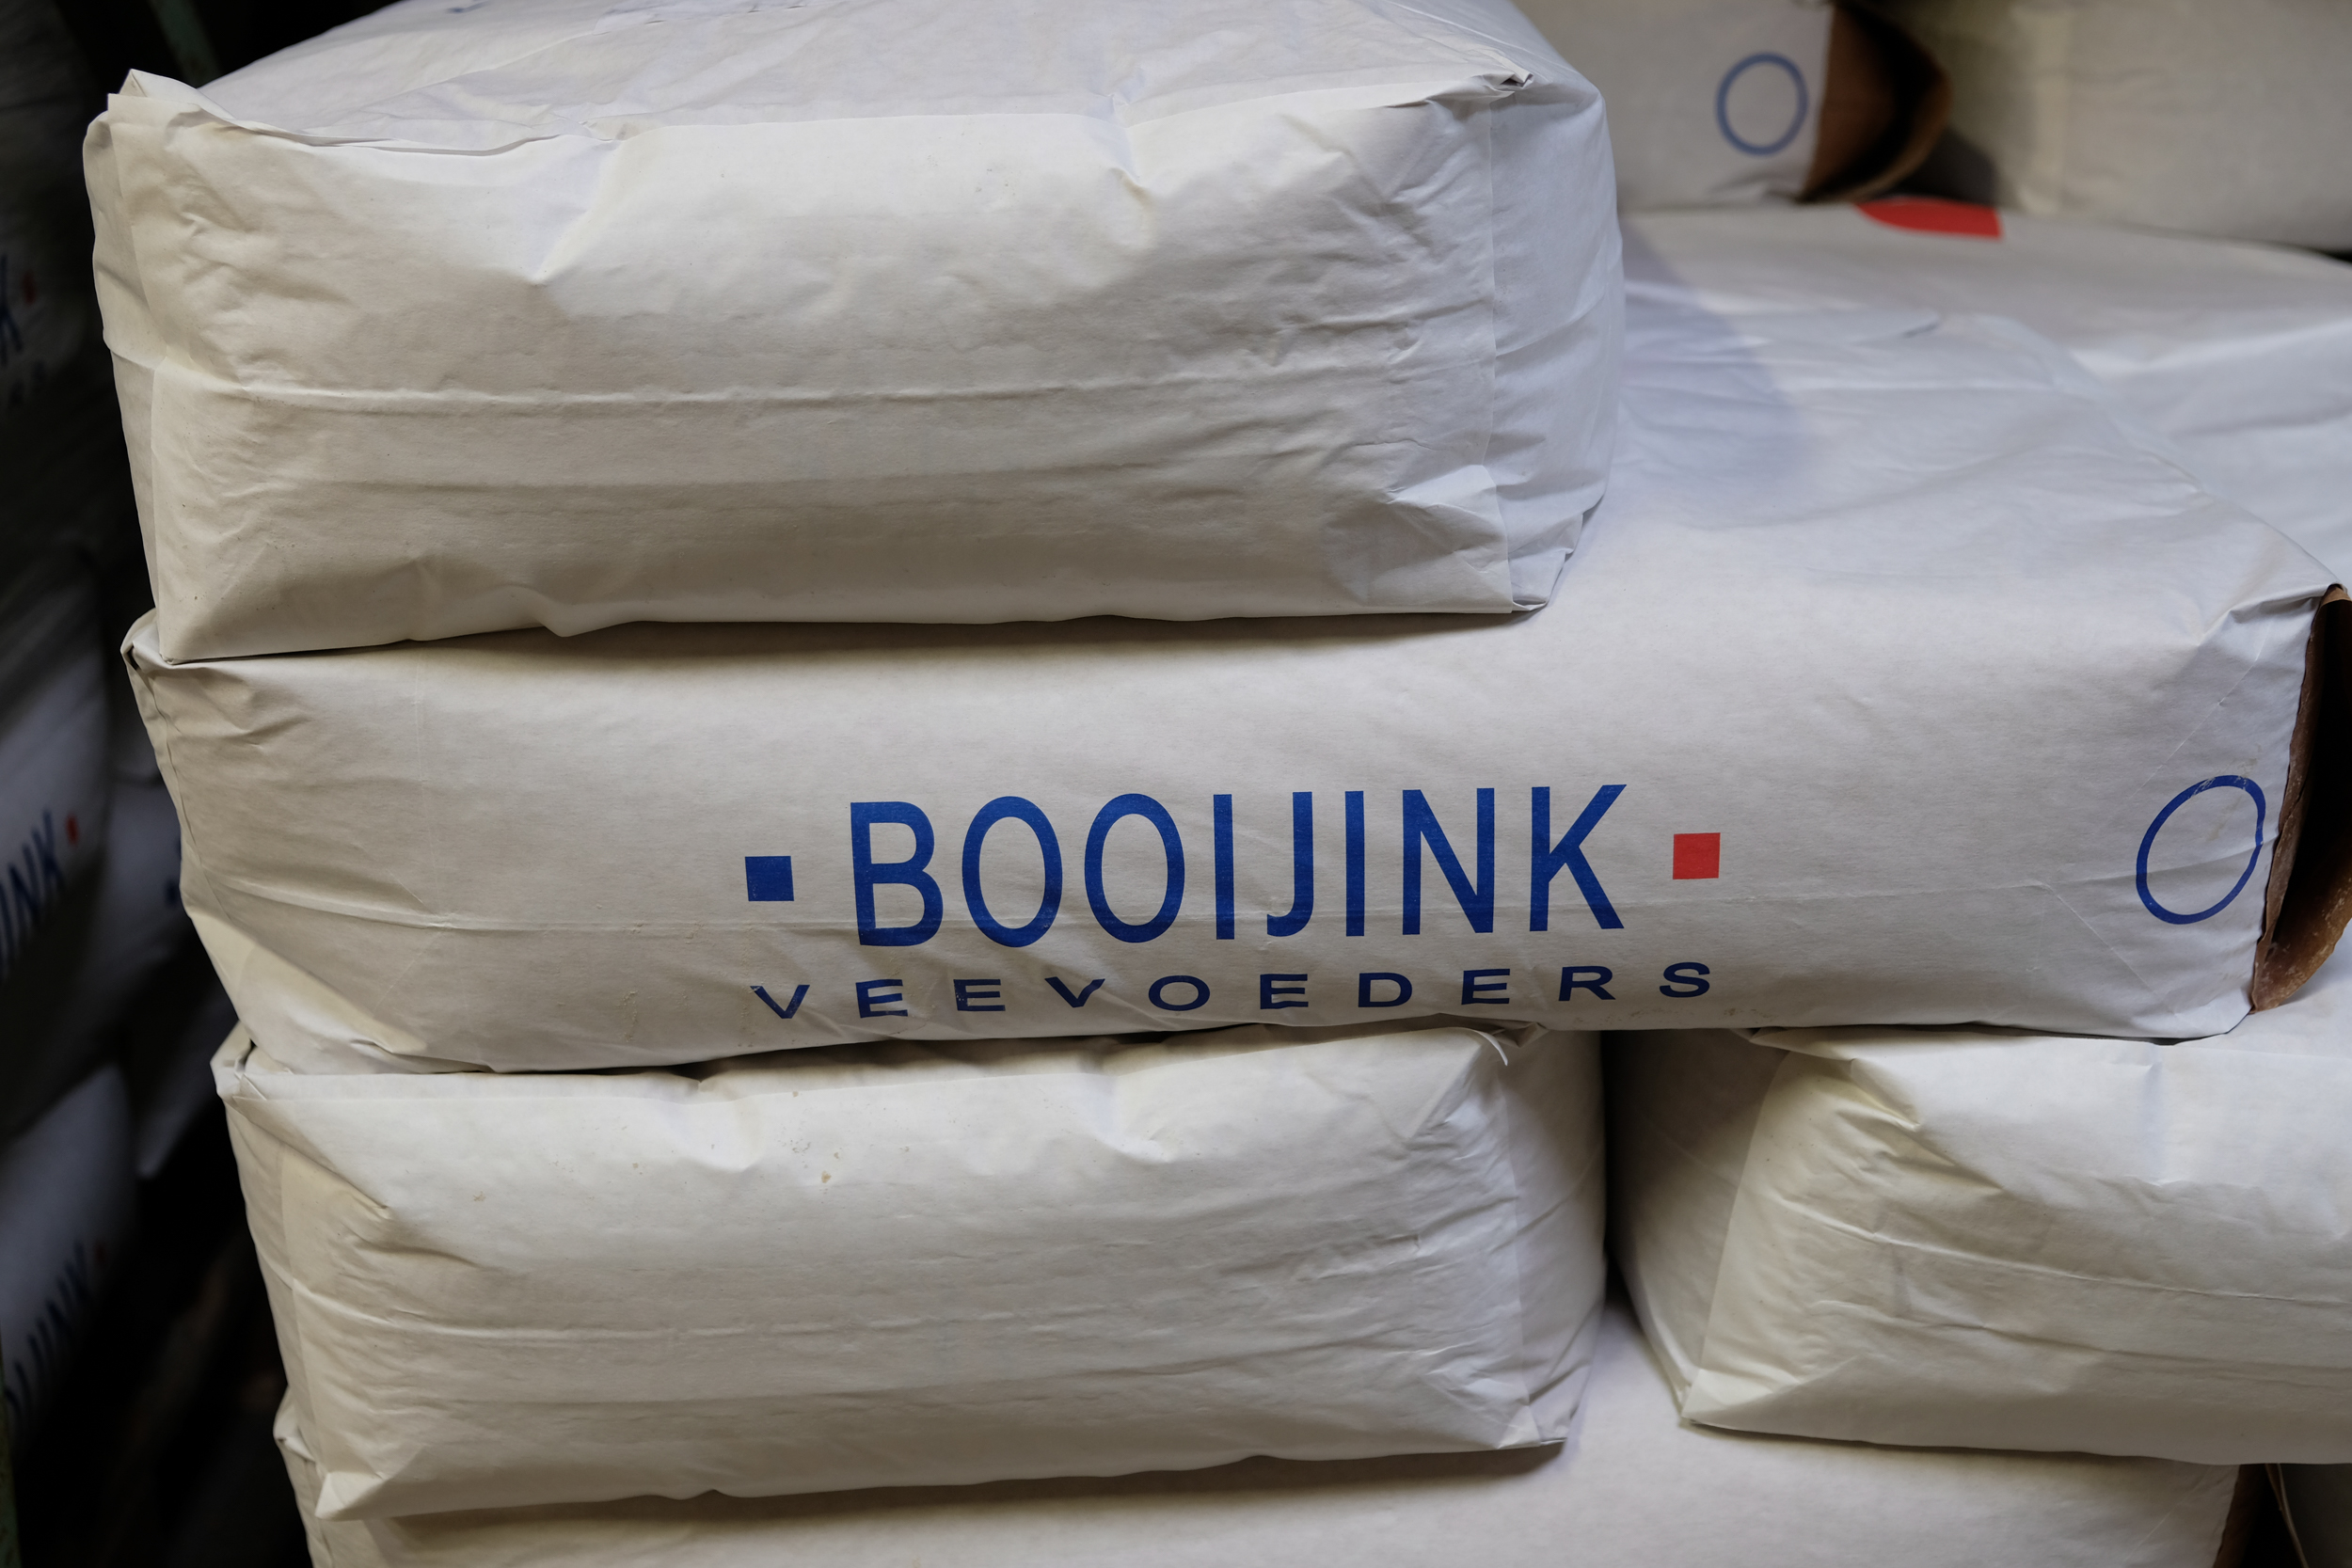 Booijink - Raalte